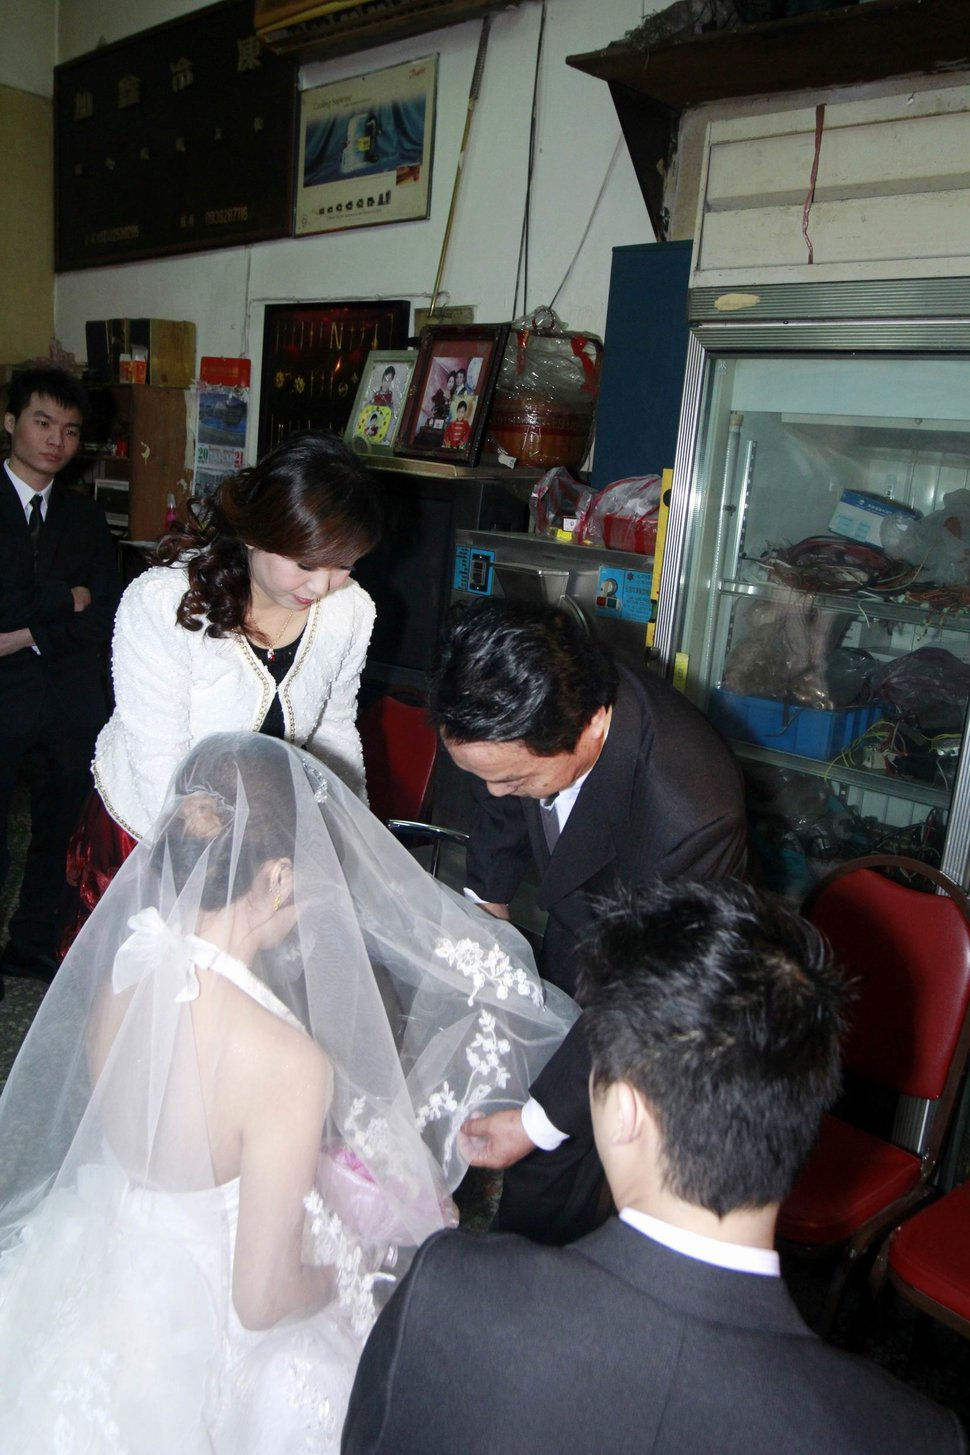 蜜月婚攝新莊美食喜相逢餐廳會館結婚迎娶儀式晚宴婚禮記錄動態微電影錄影專業錄影平面攝影婚攝婚禮主持人(編號:270487) - 蜜月拍照10800錄影12800攝影團隊 - 結婚吧